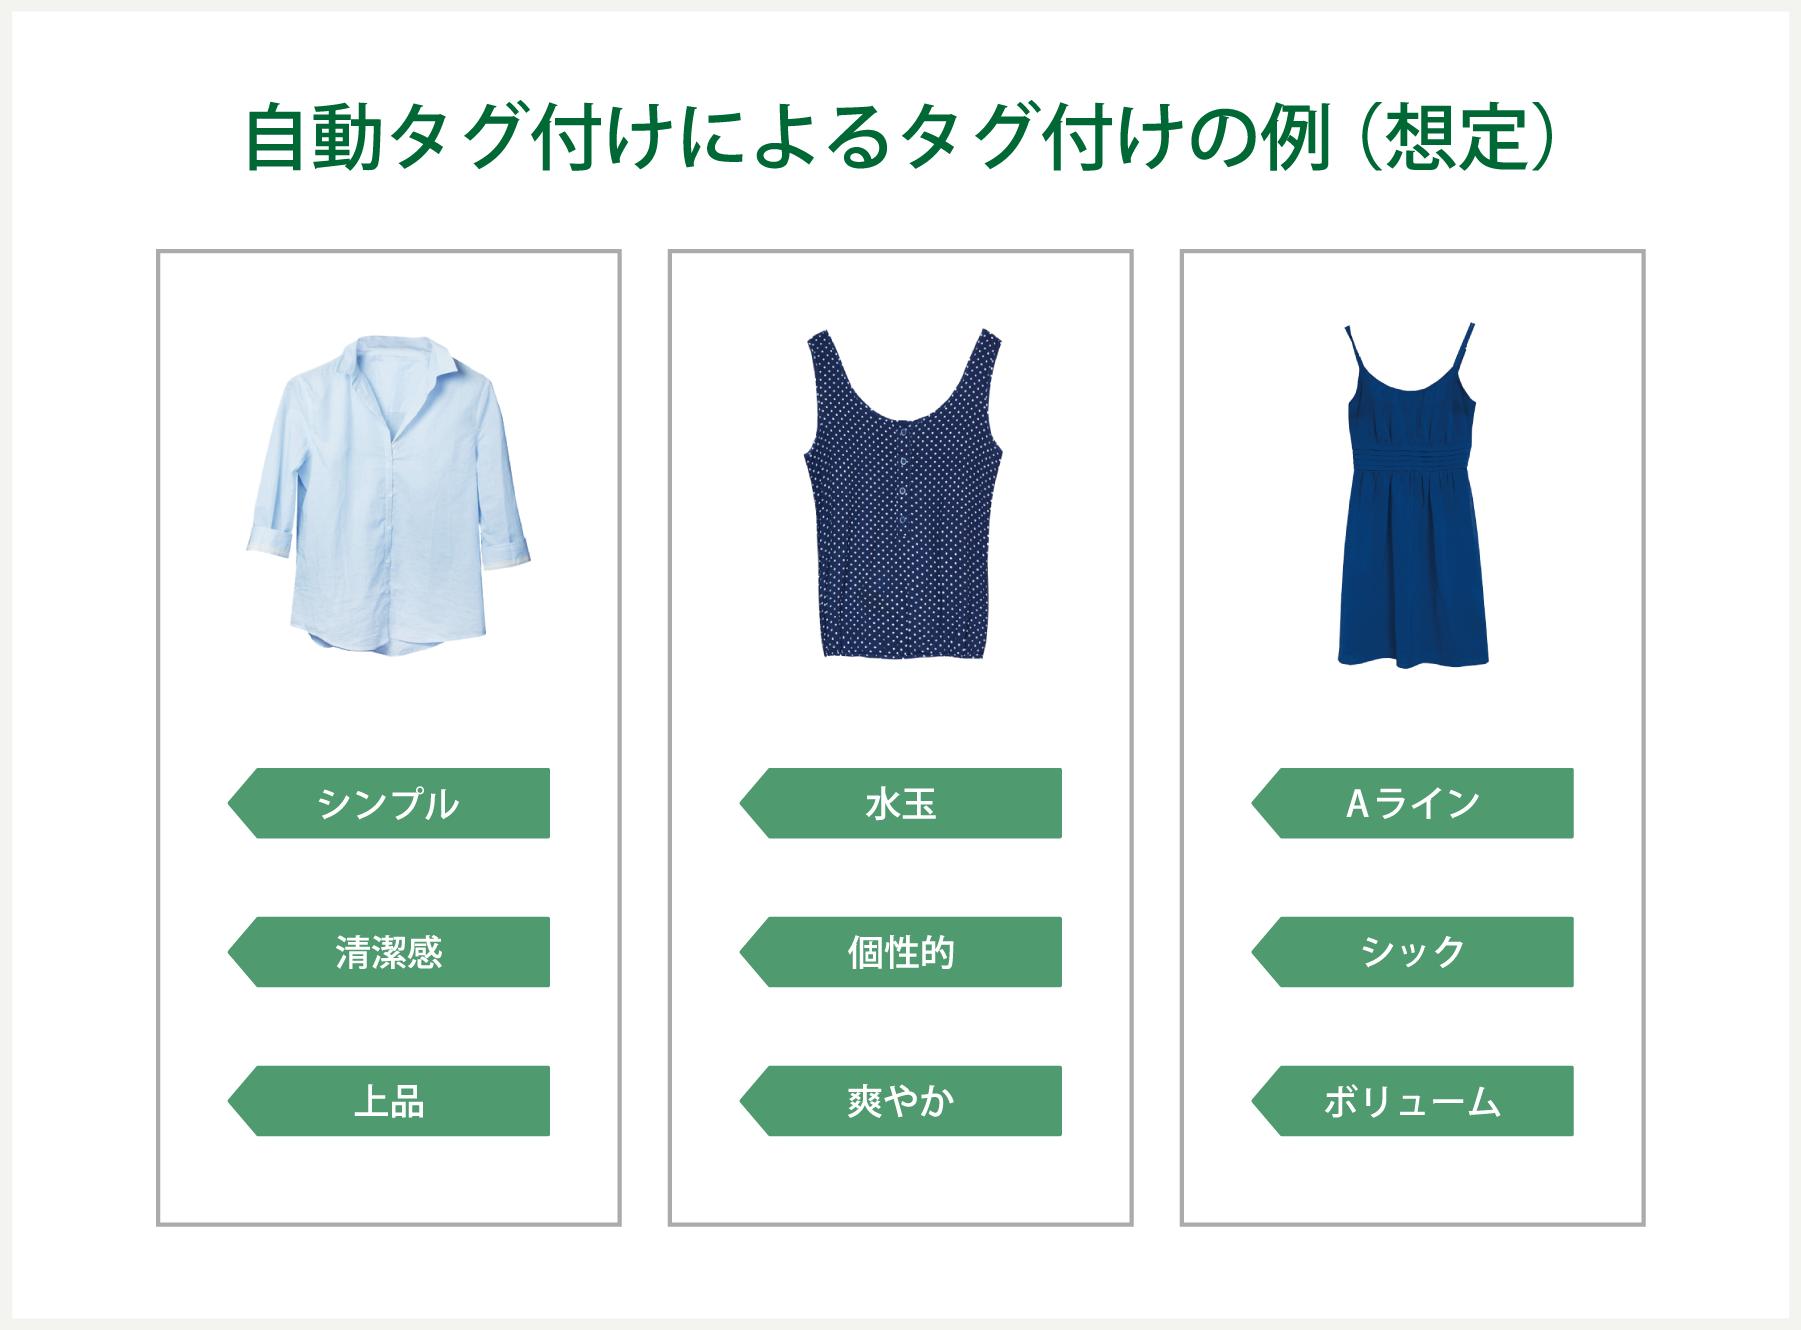 服のカテゴリの自動分類タグ付け